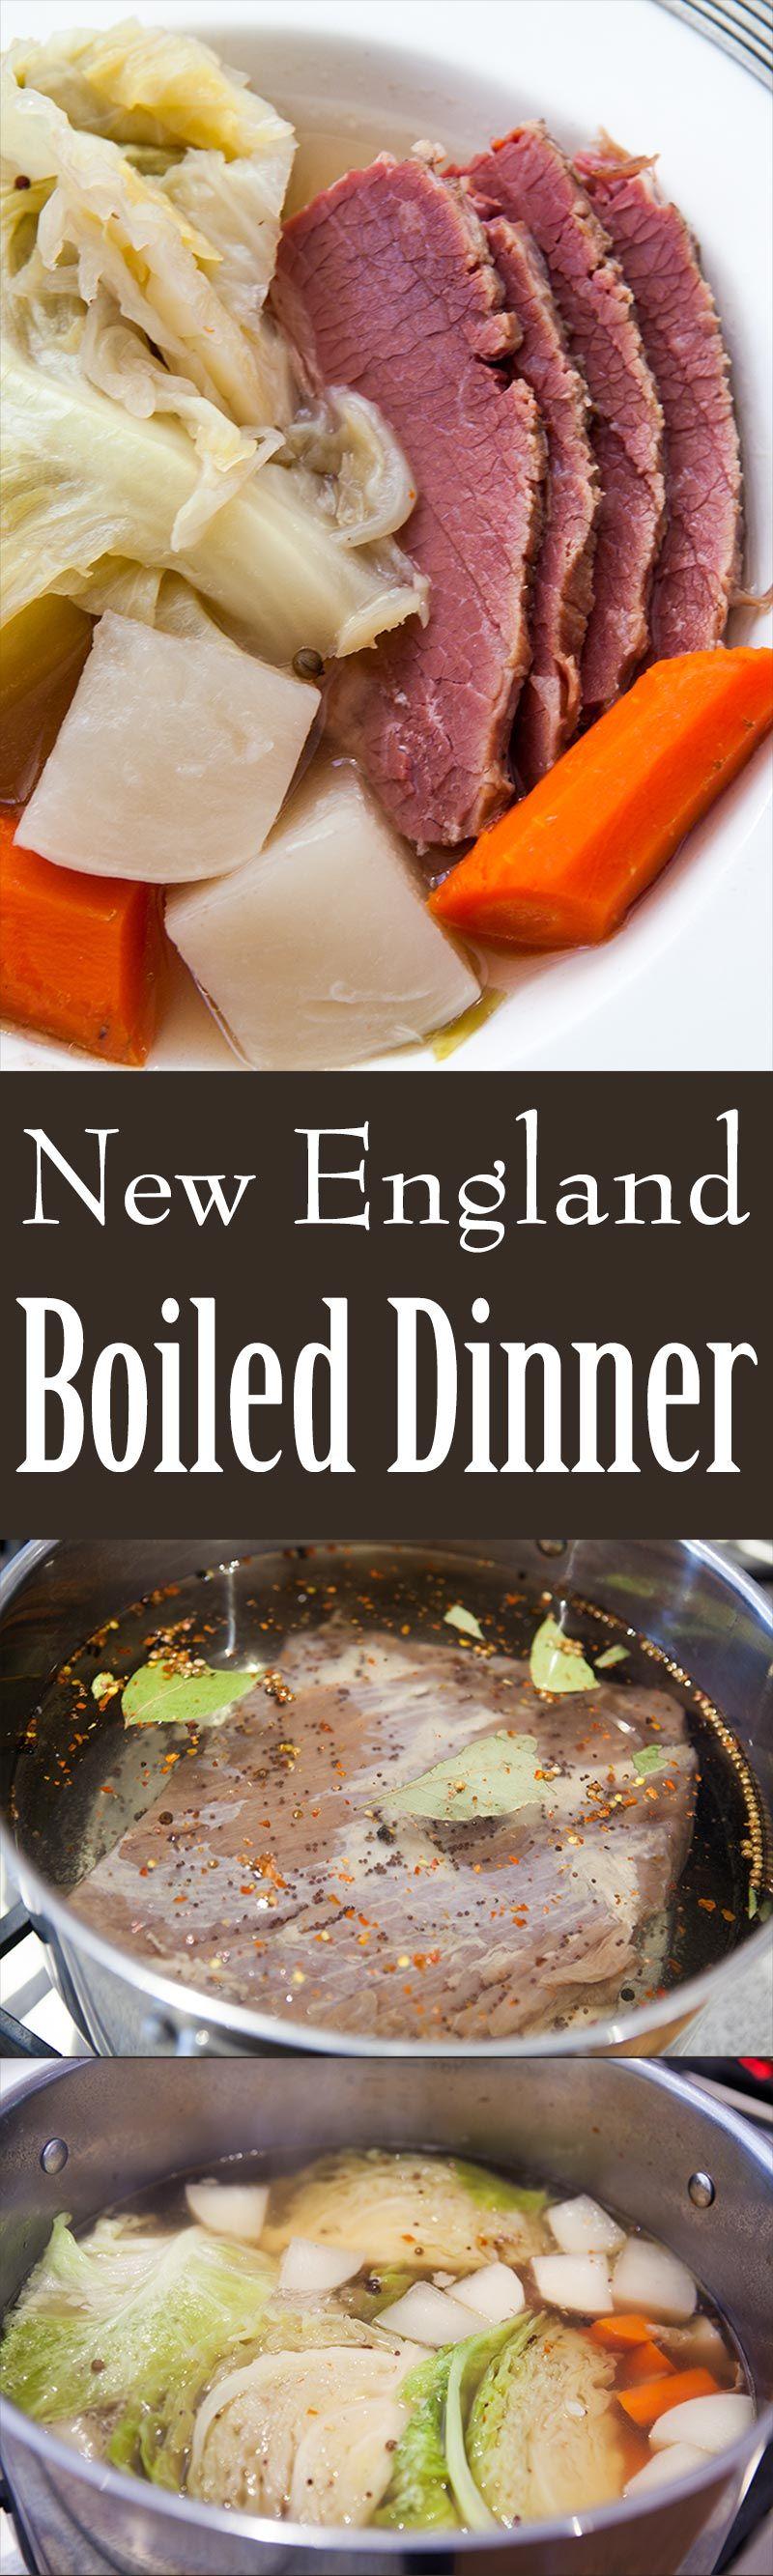 New England Boiled Dinner Recipe Boiled dinner, Food